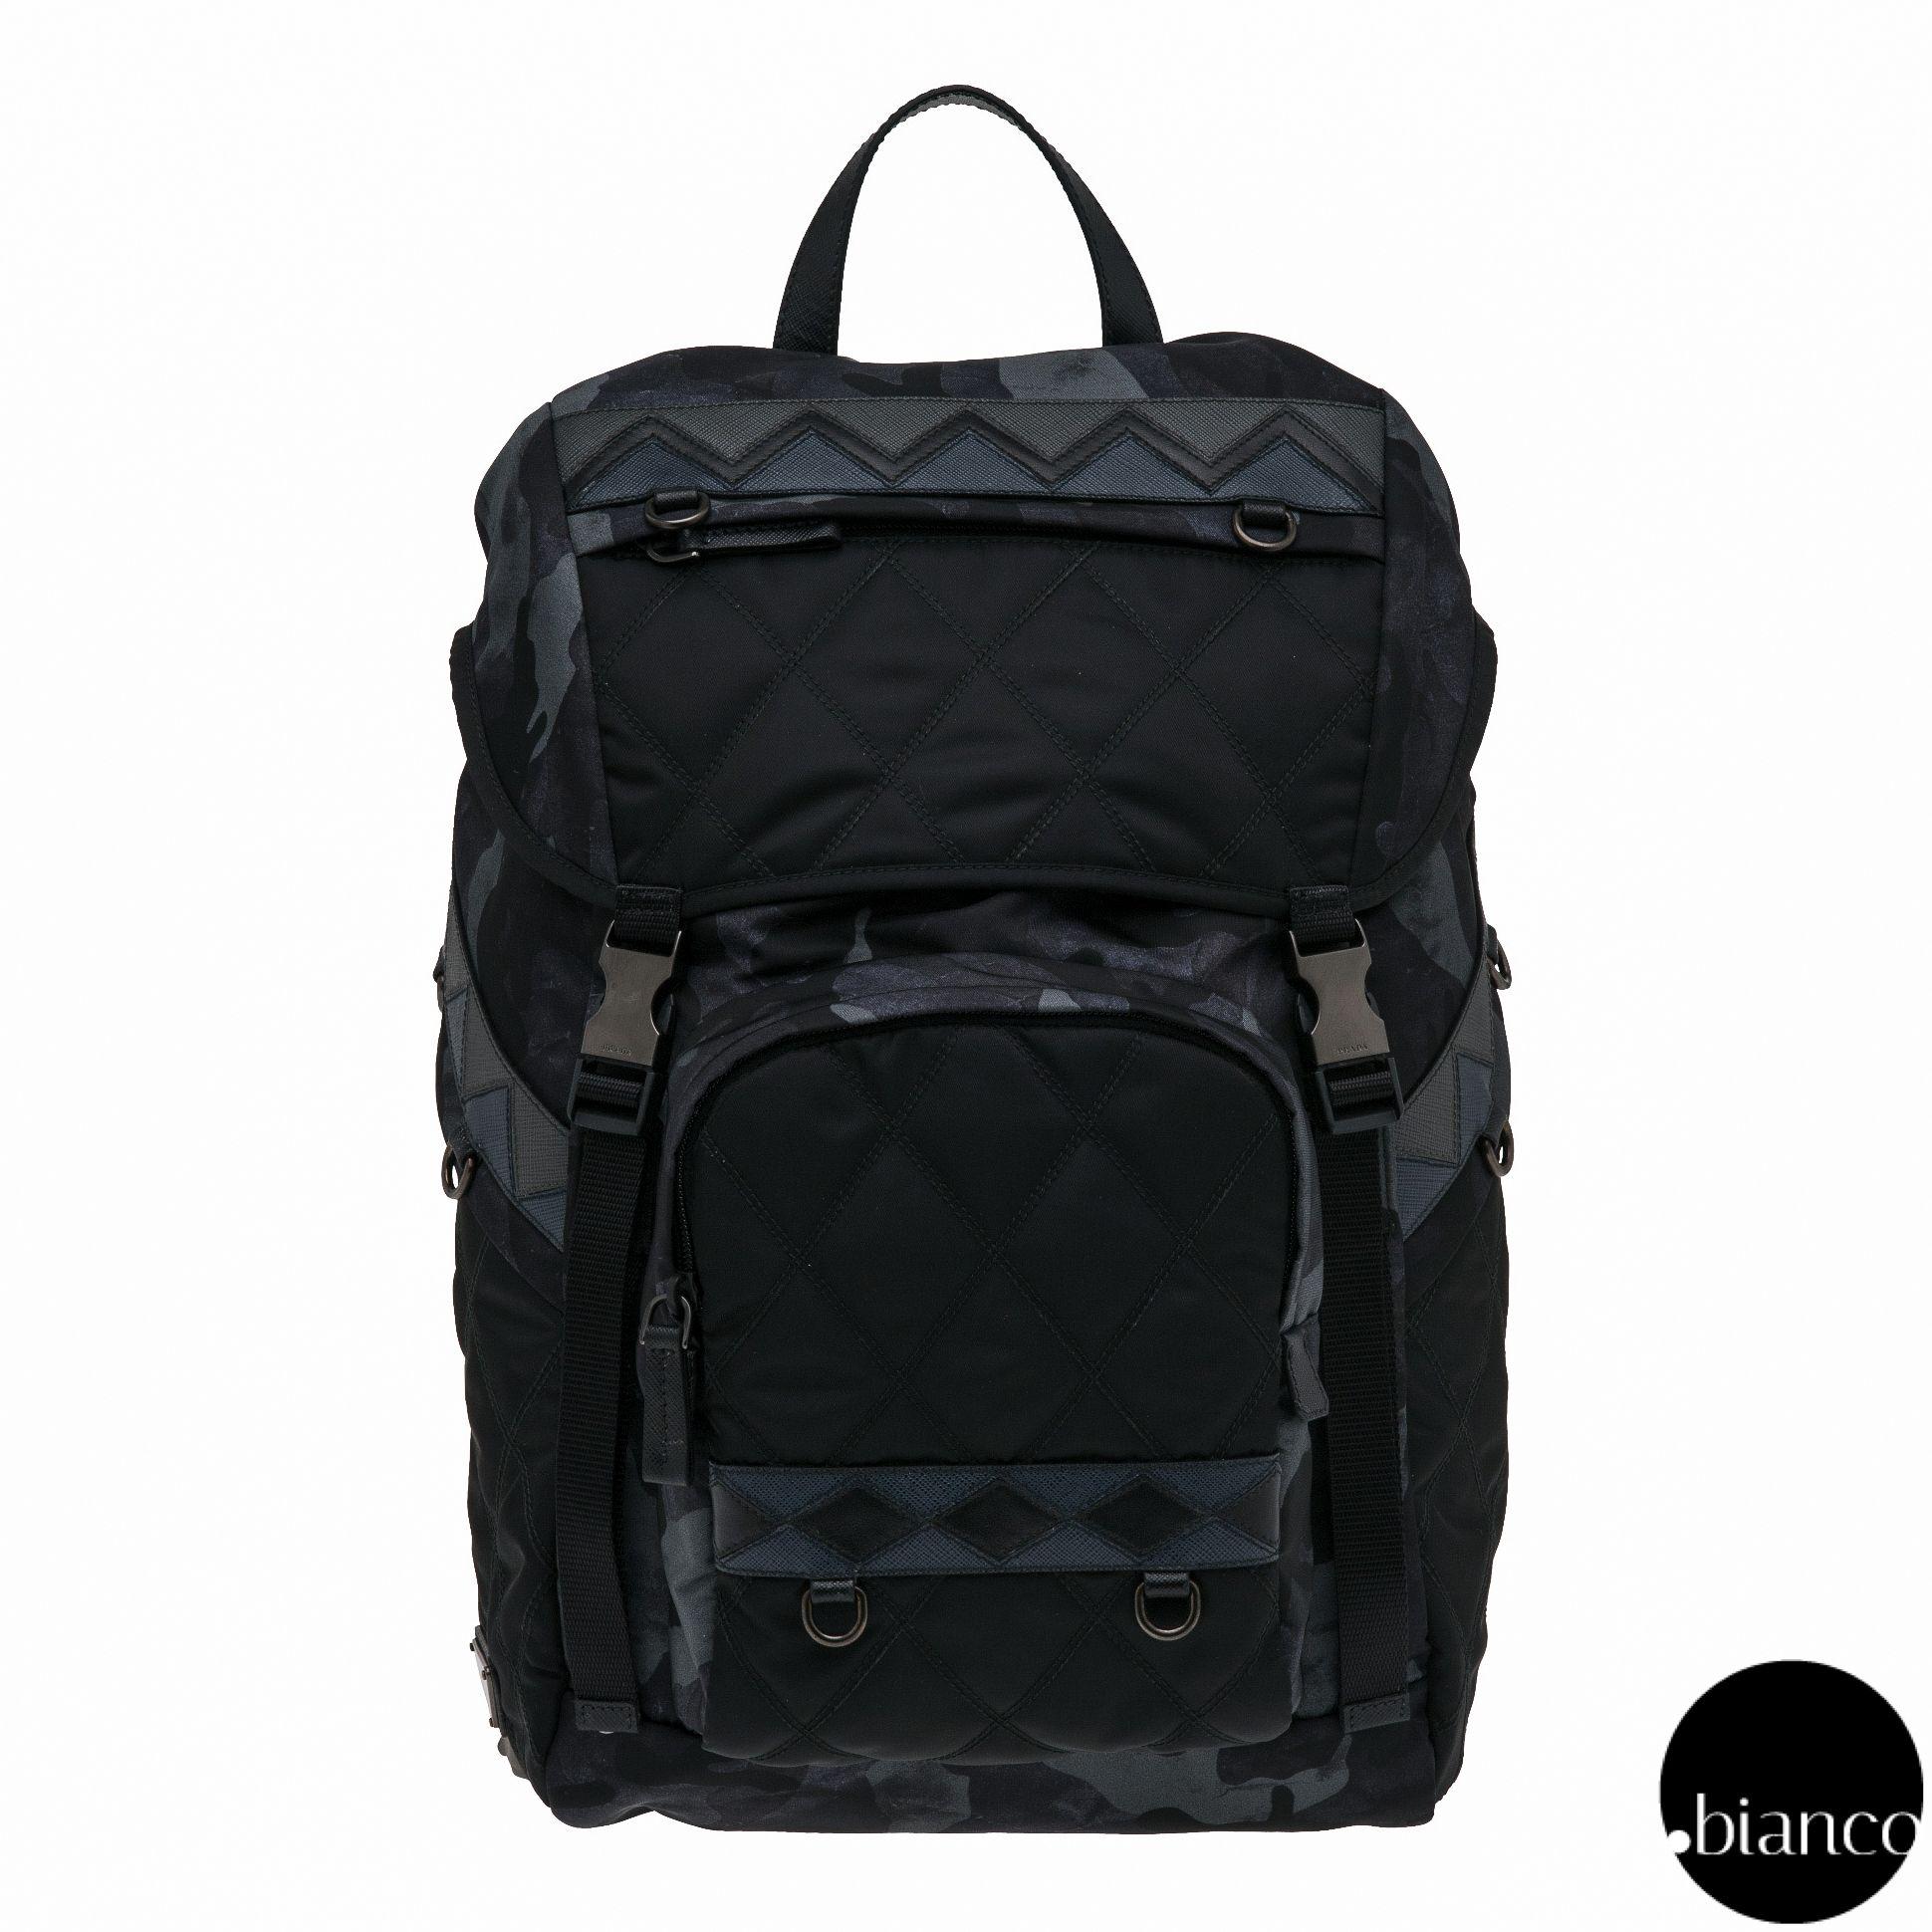 PRADA Backpacks Camouflage Unisex Nylon A4 Bi-color Backpacks  2680d0b33b8ae